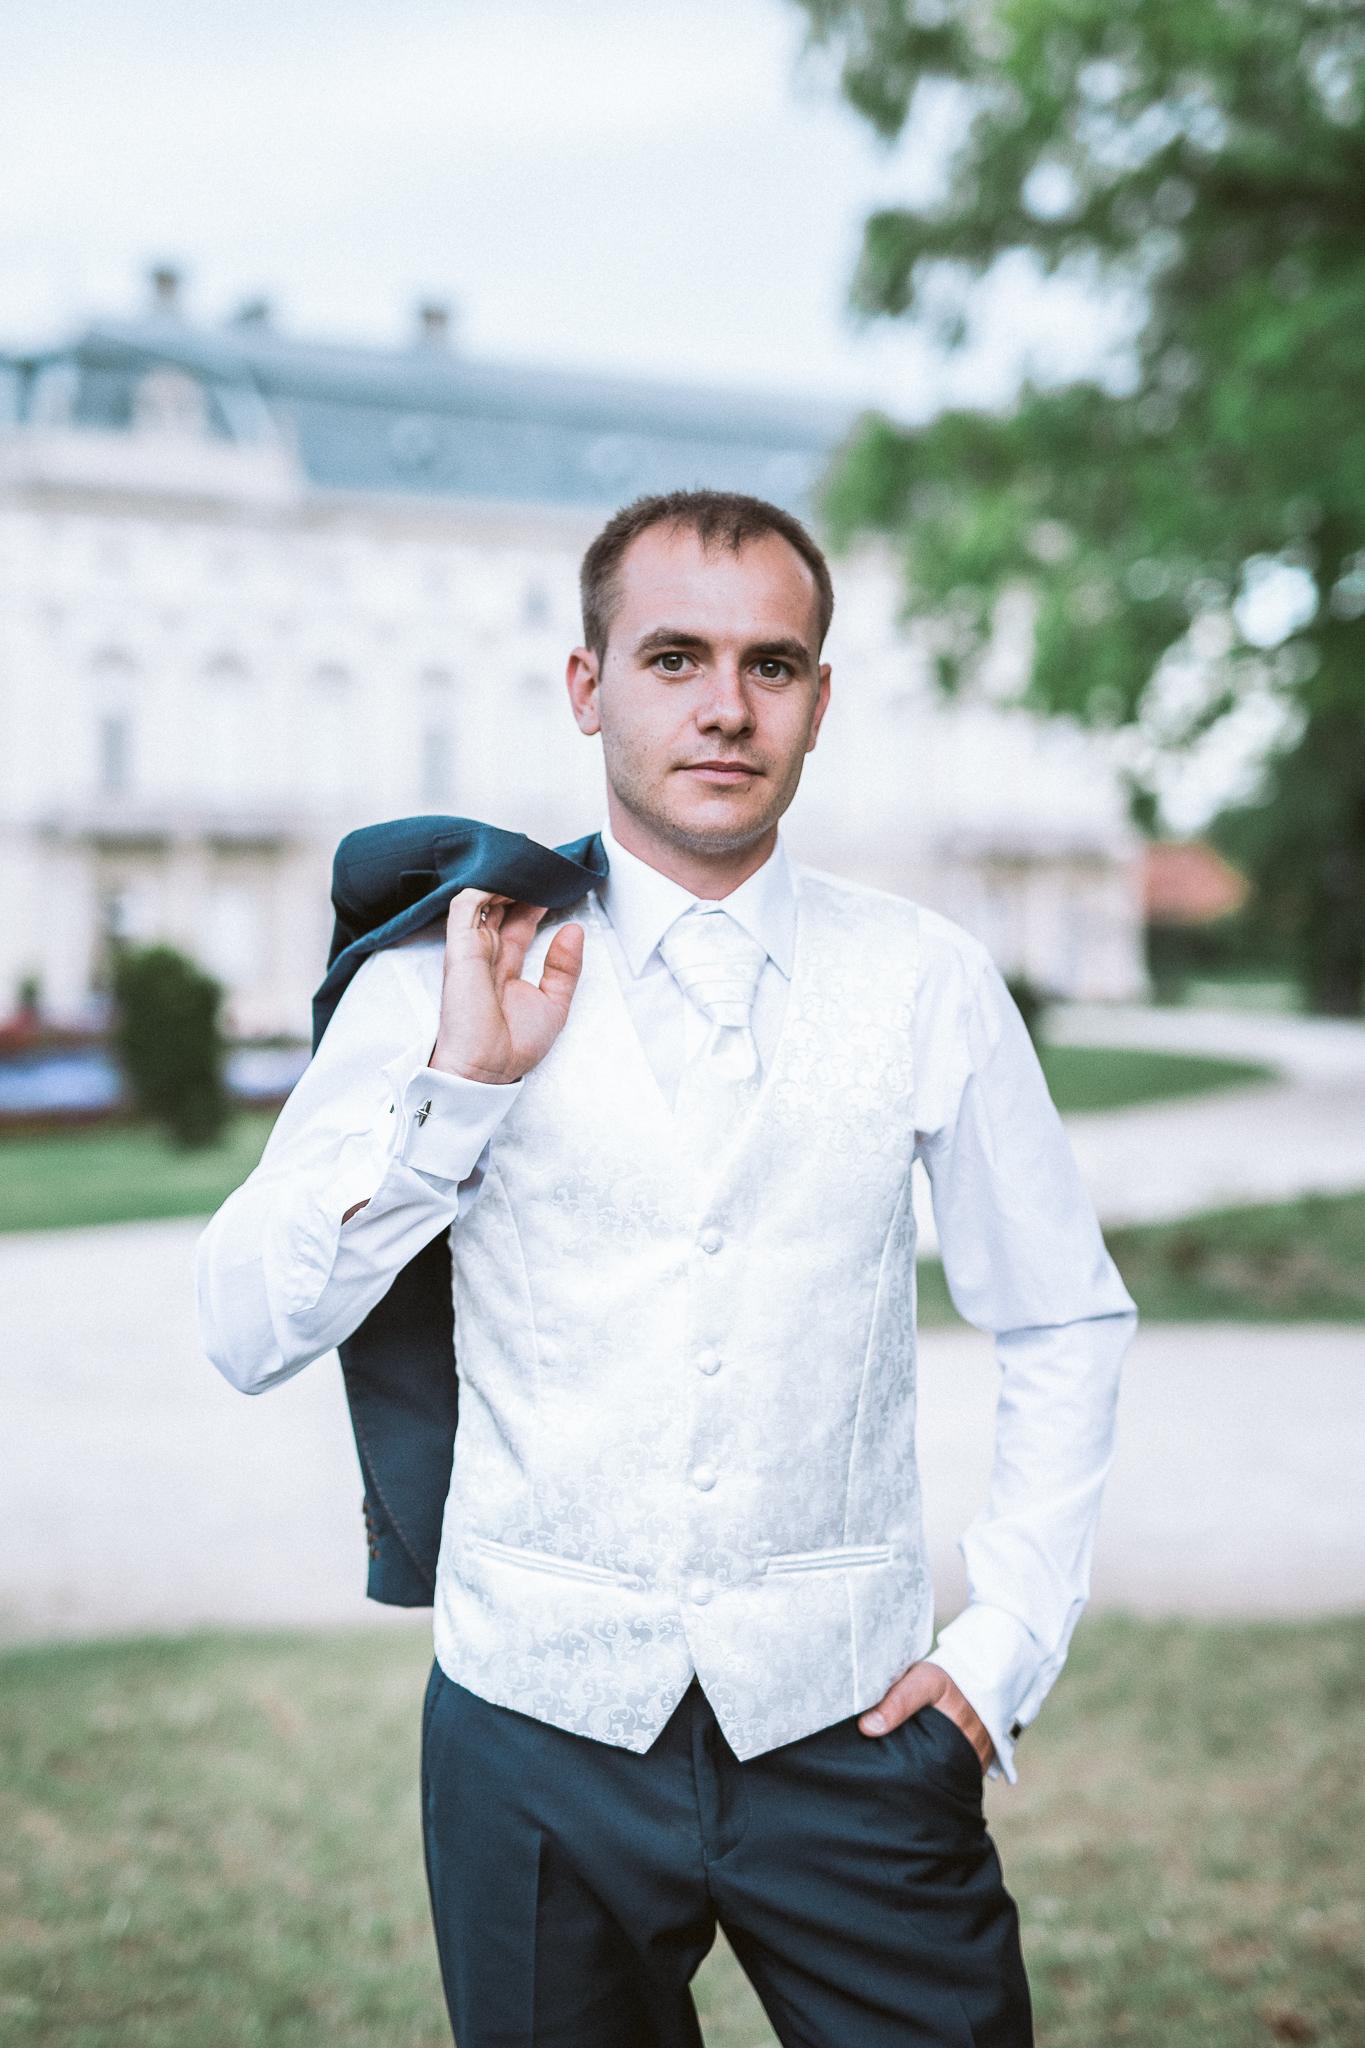 FylepPhoto, esküvőfotós, esküvői fotós Körmend, Szombathely, esküvőfotózás, magyarország, vas megye, prémium, jegyesfotózás, Fülöp Péter, körmend, kreatív, fotográfus_21-2.jpg